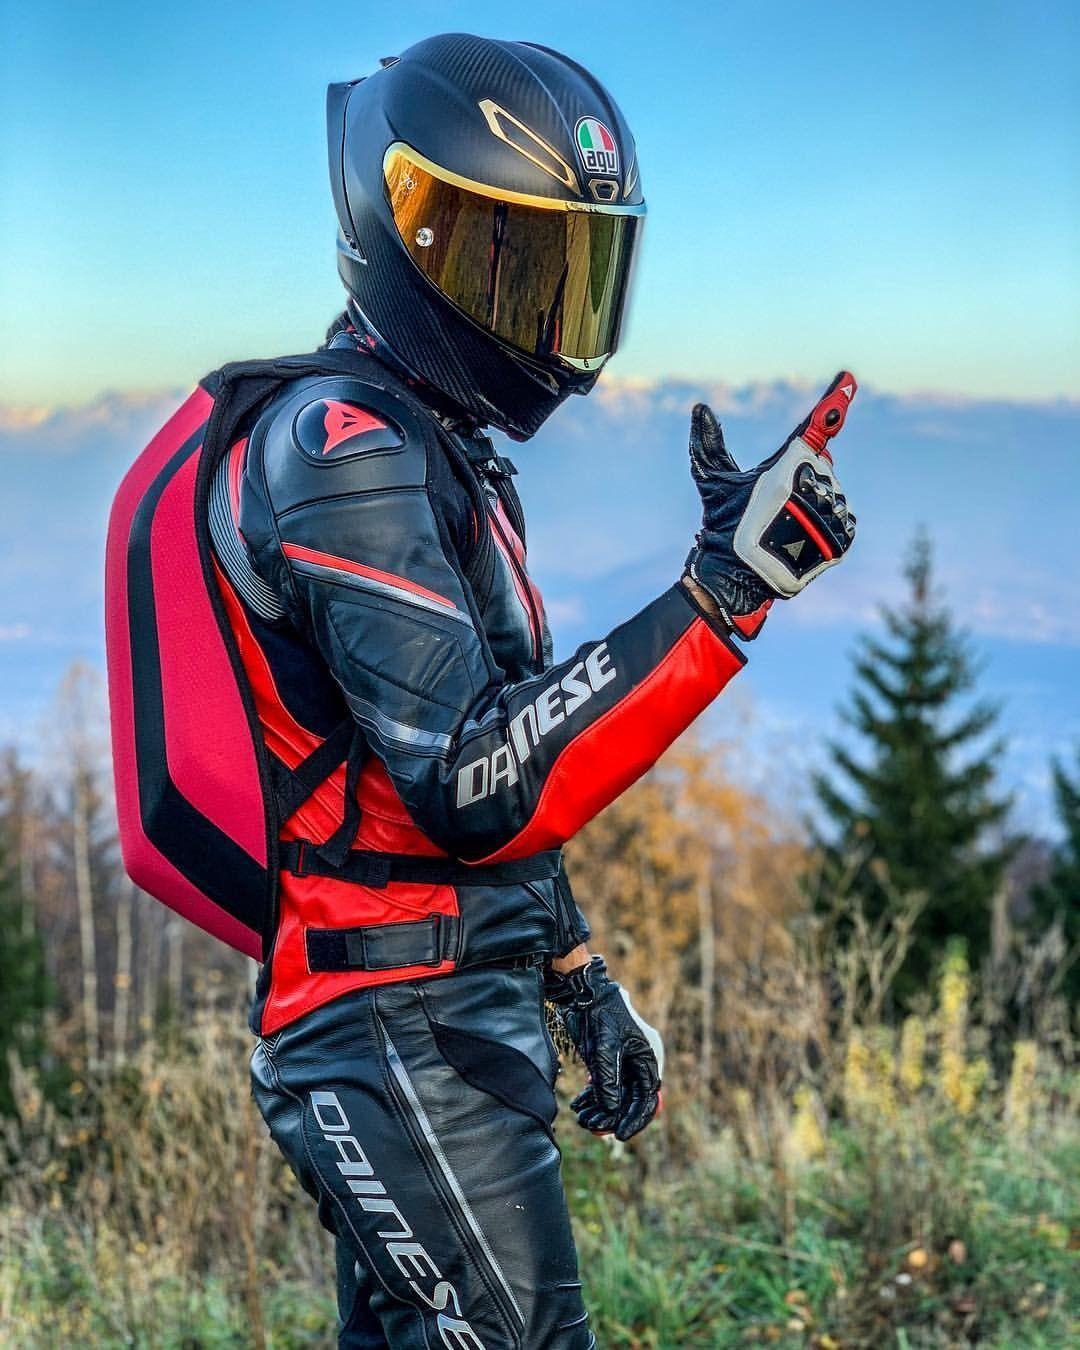 водолазная фото байкеров на мотоциклах в шлемах гармонизирует разум, снимает